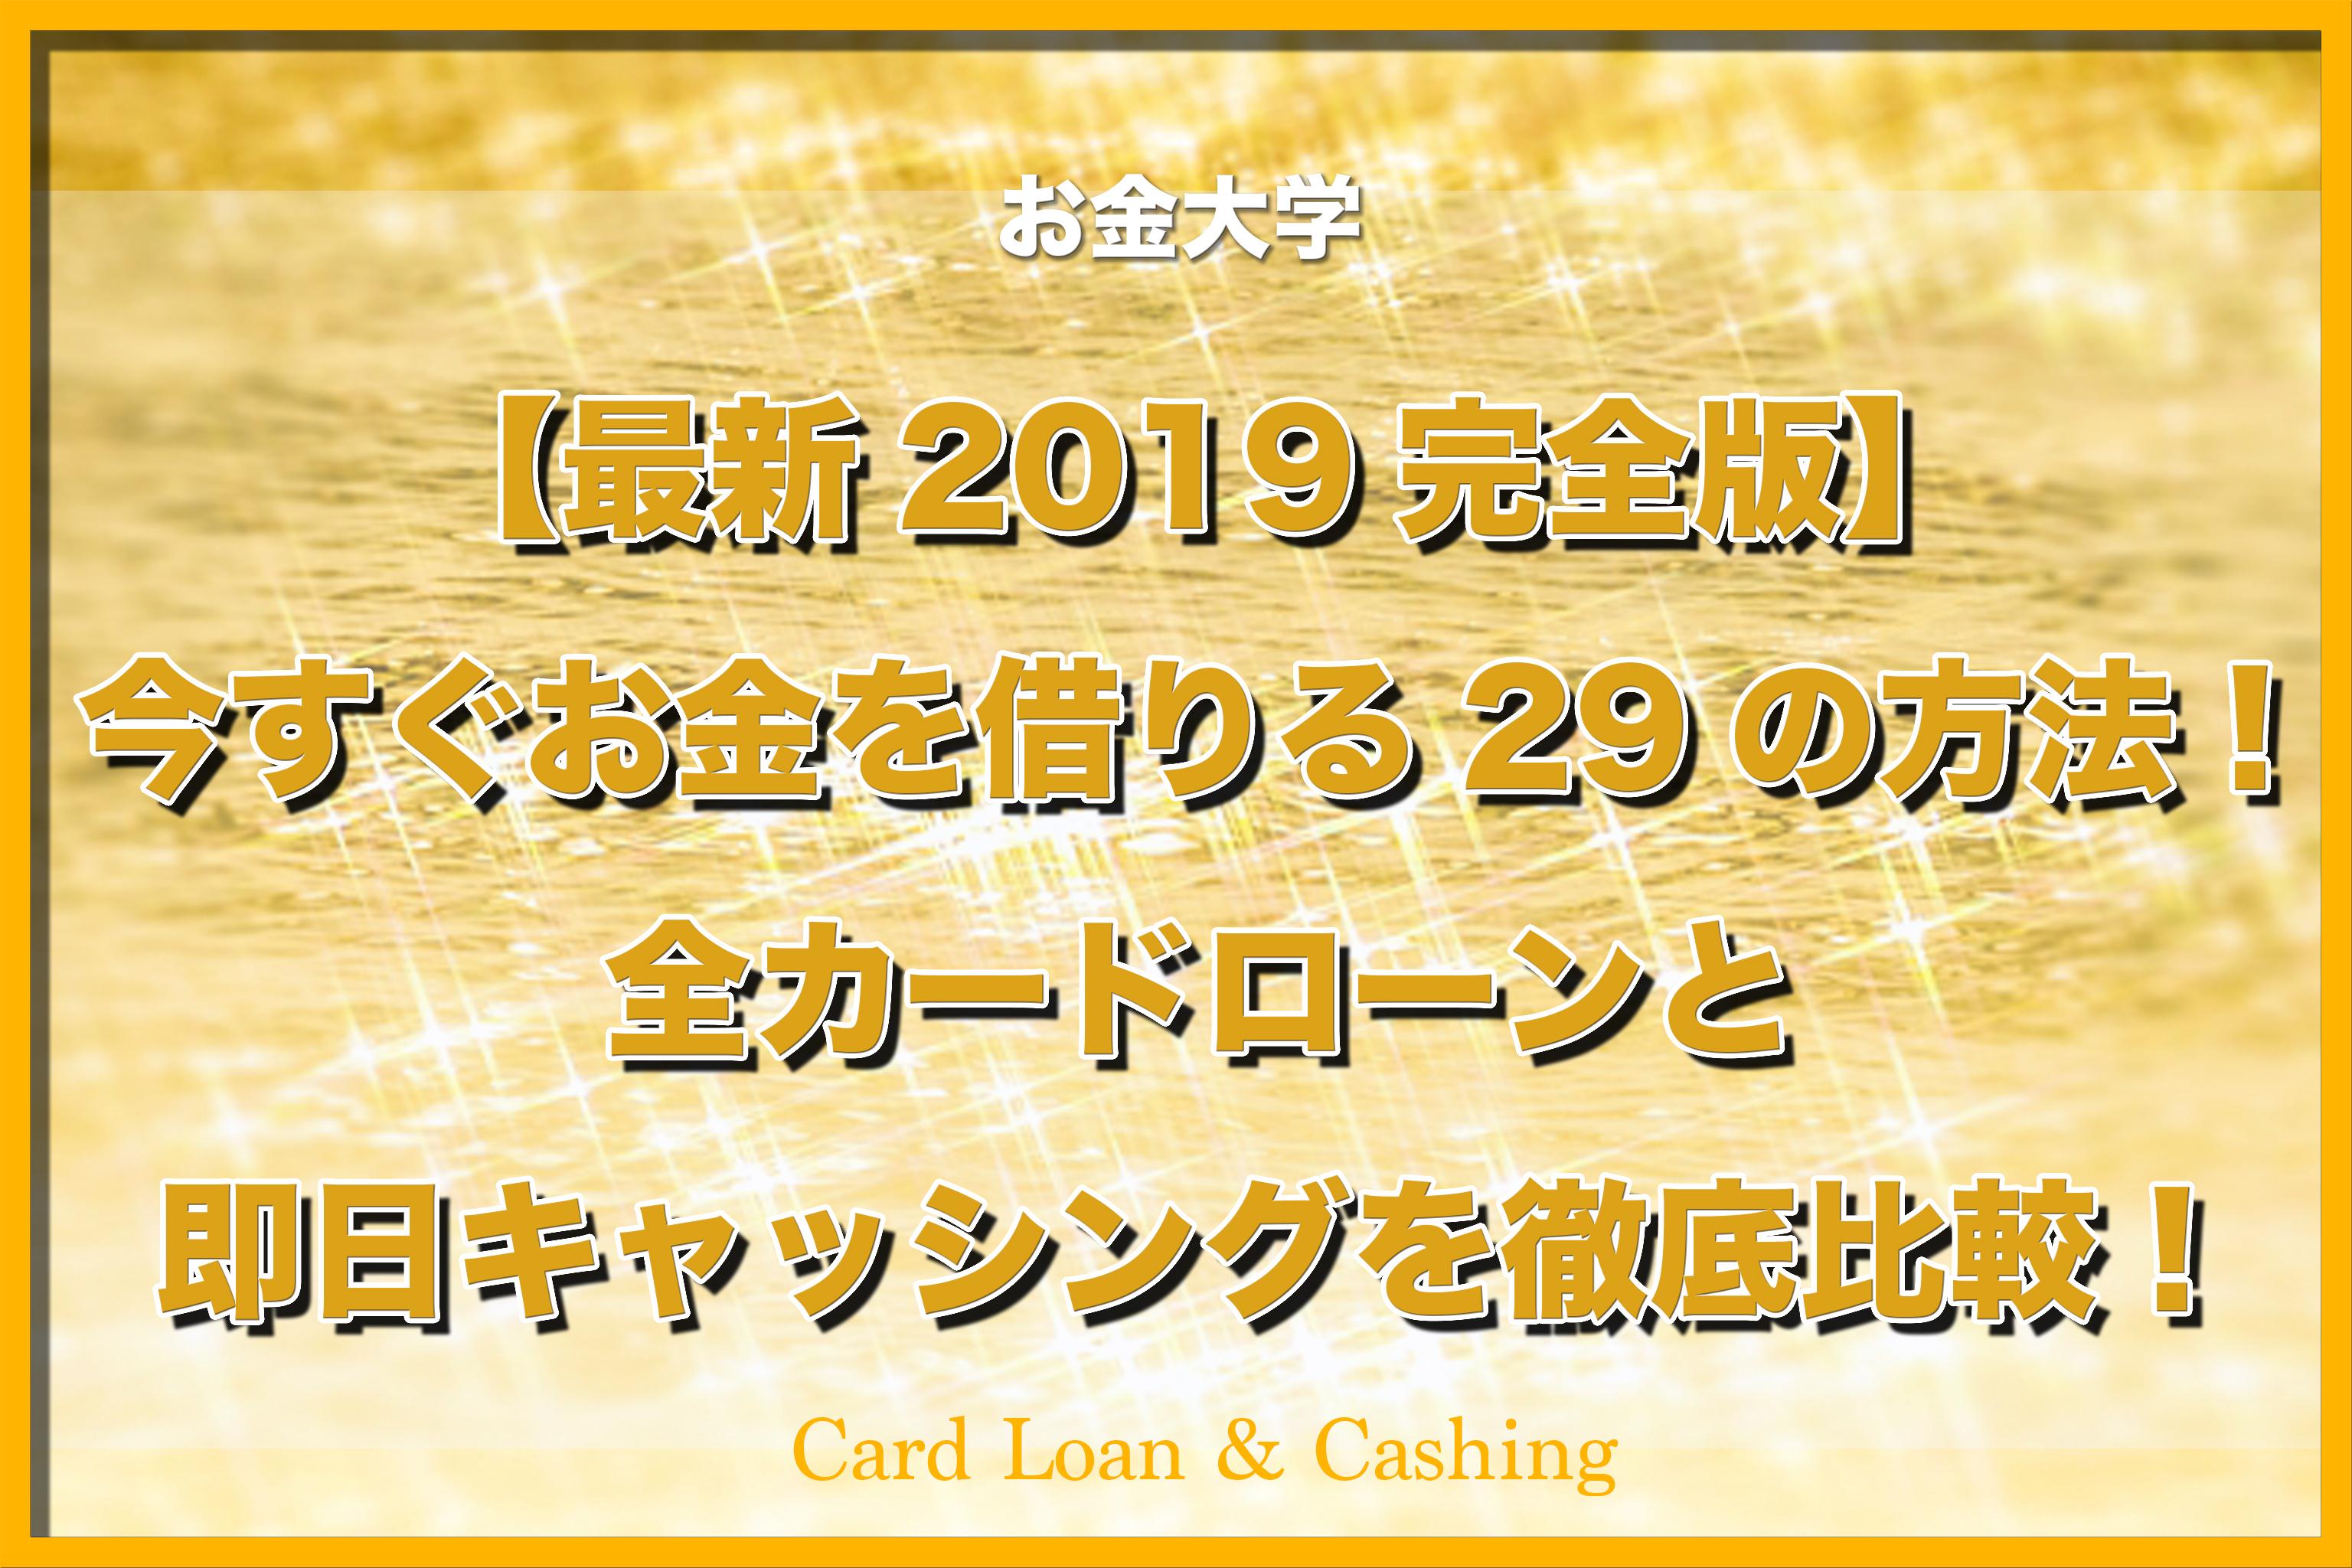 【最新2019完全版】今すぐお金を借りる29の方法!全カードローンと即日キャッシングを徹底比較!